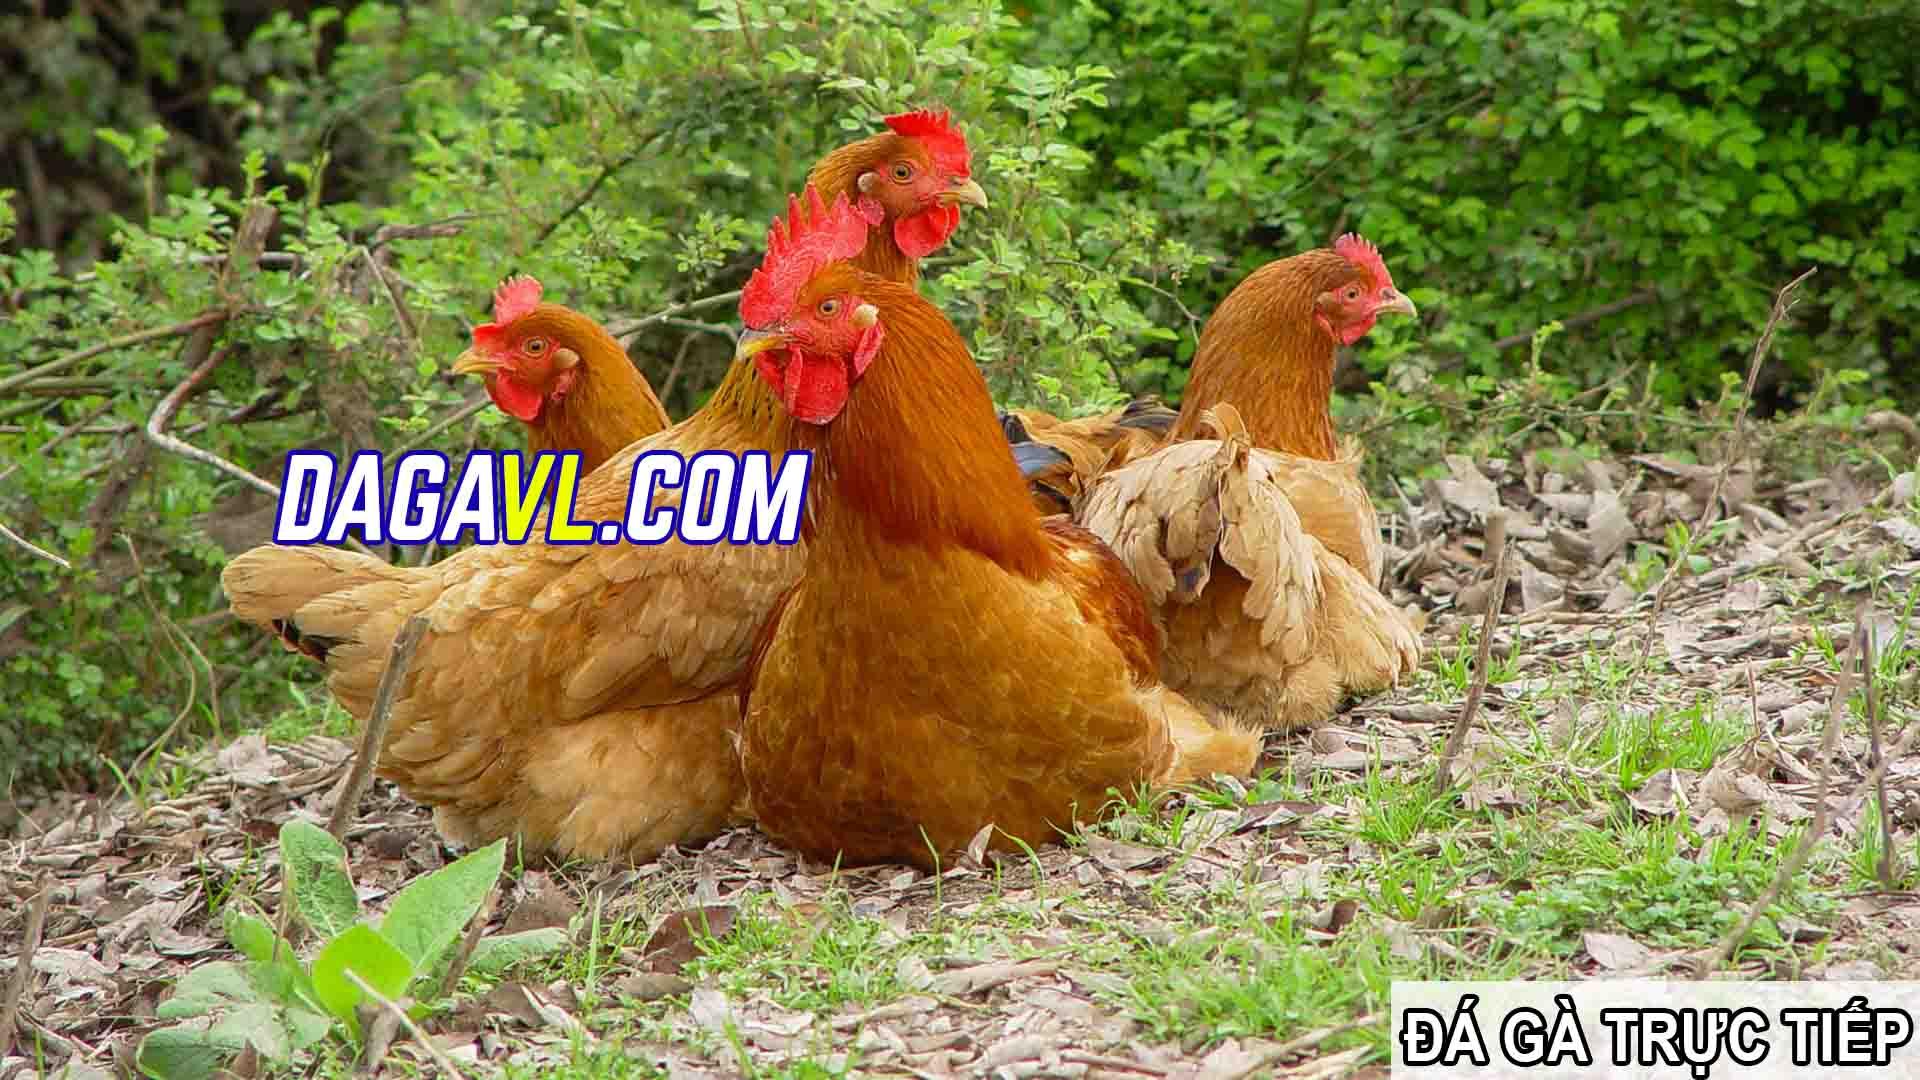 DAGAVL.COM - đá gà trực tiếp. Tác hại của việc nhổ lông gà đá hay (PHẦN 2)